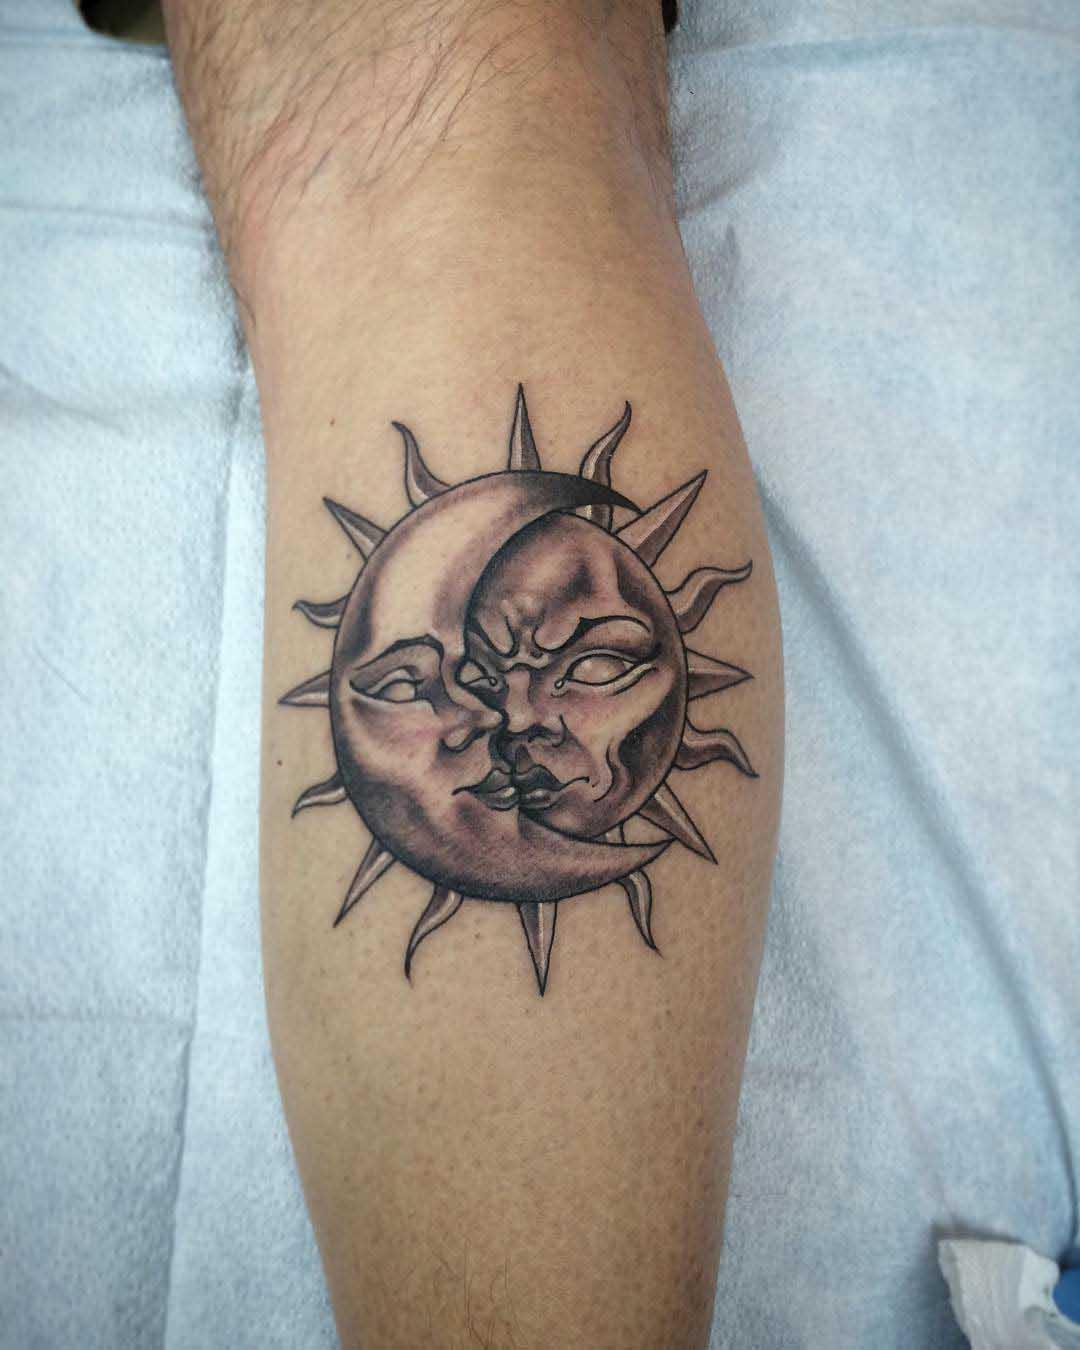 Tattoo Sun and Moon by thrashmoneymillionaire